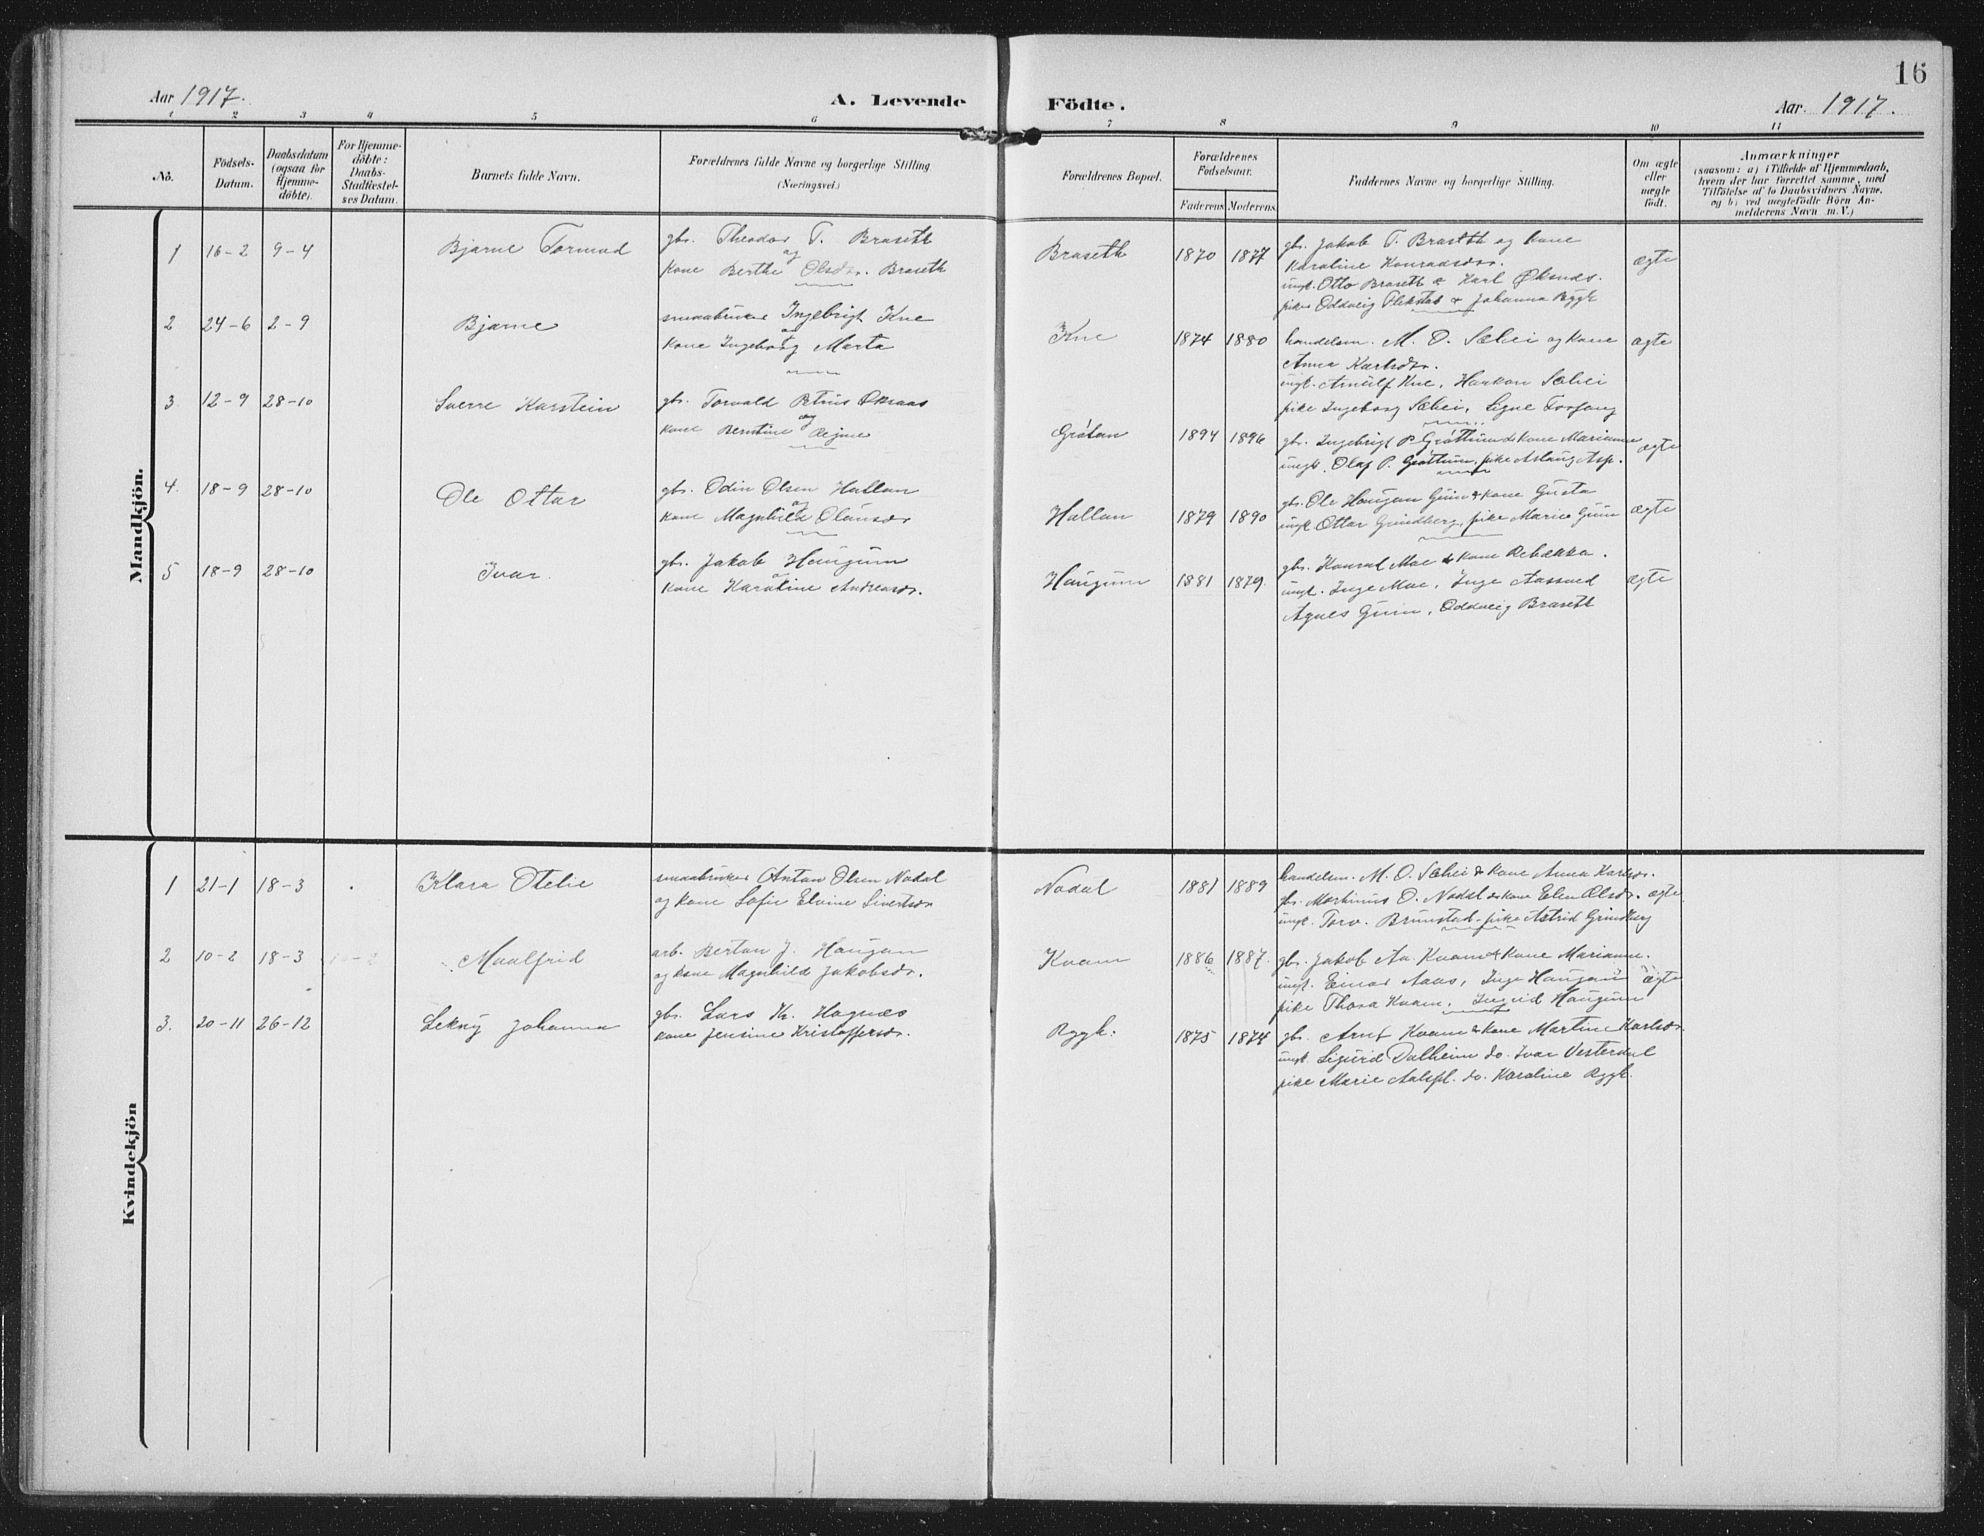 SAT, Ministerialprotokoller, klokkerbøker og fødselsregistre - Nord-Trøndelag, 747/L0460: Klokkerbok nr. 747C02, 1908-1939, s. 16